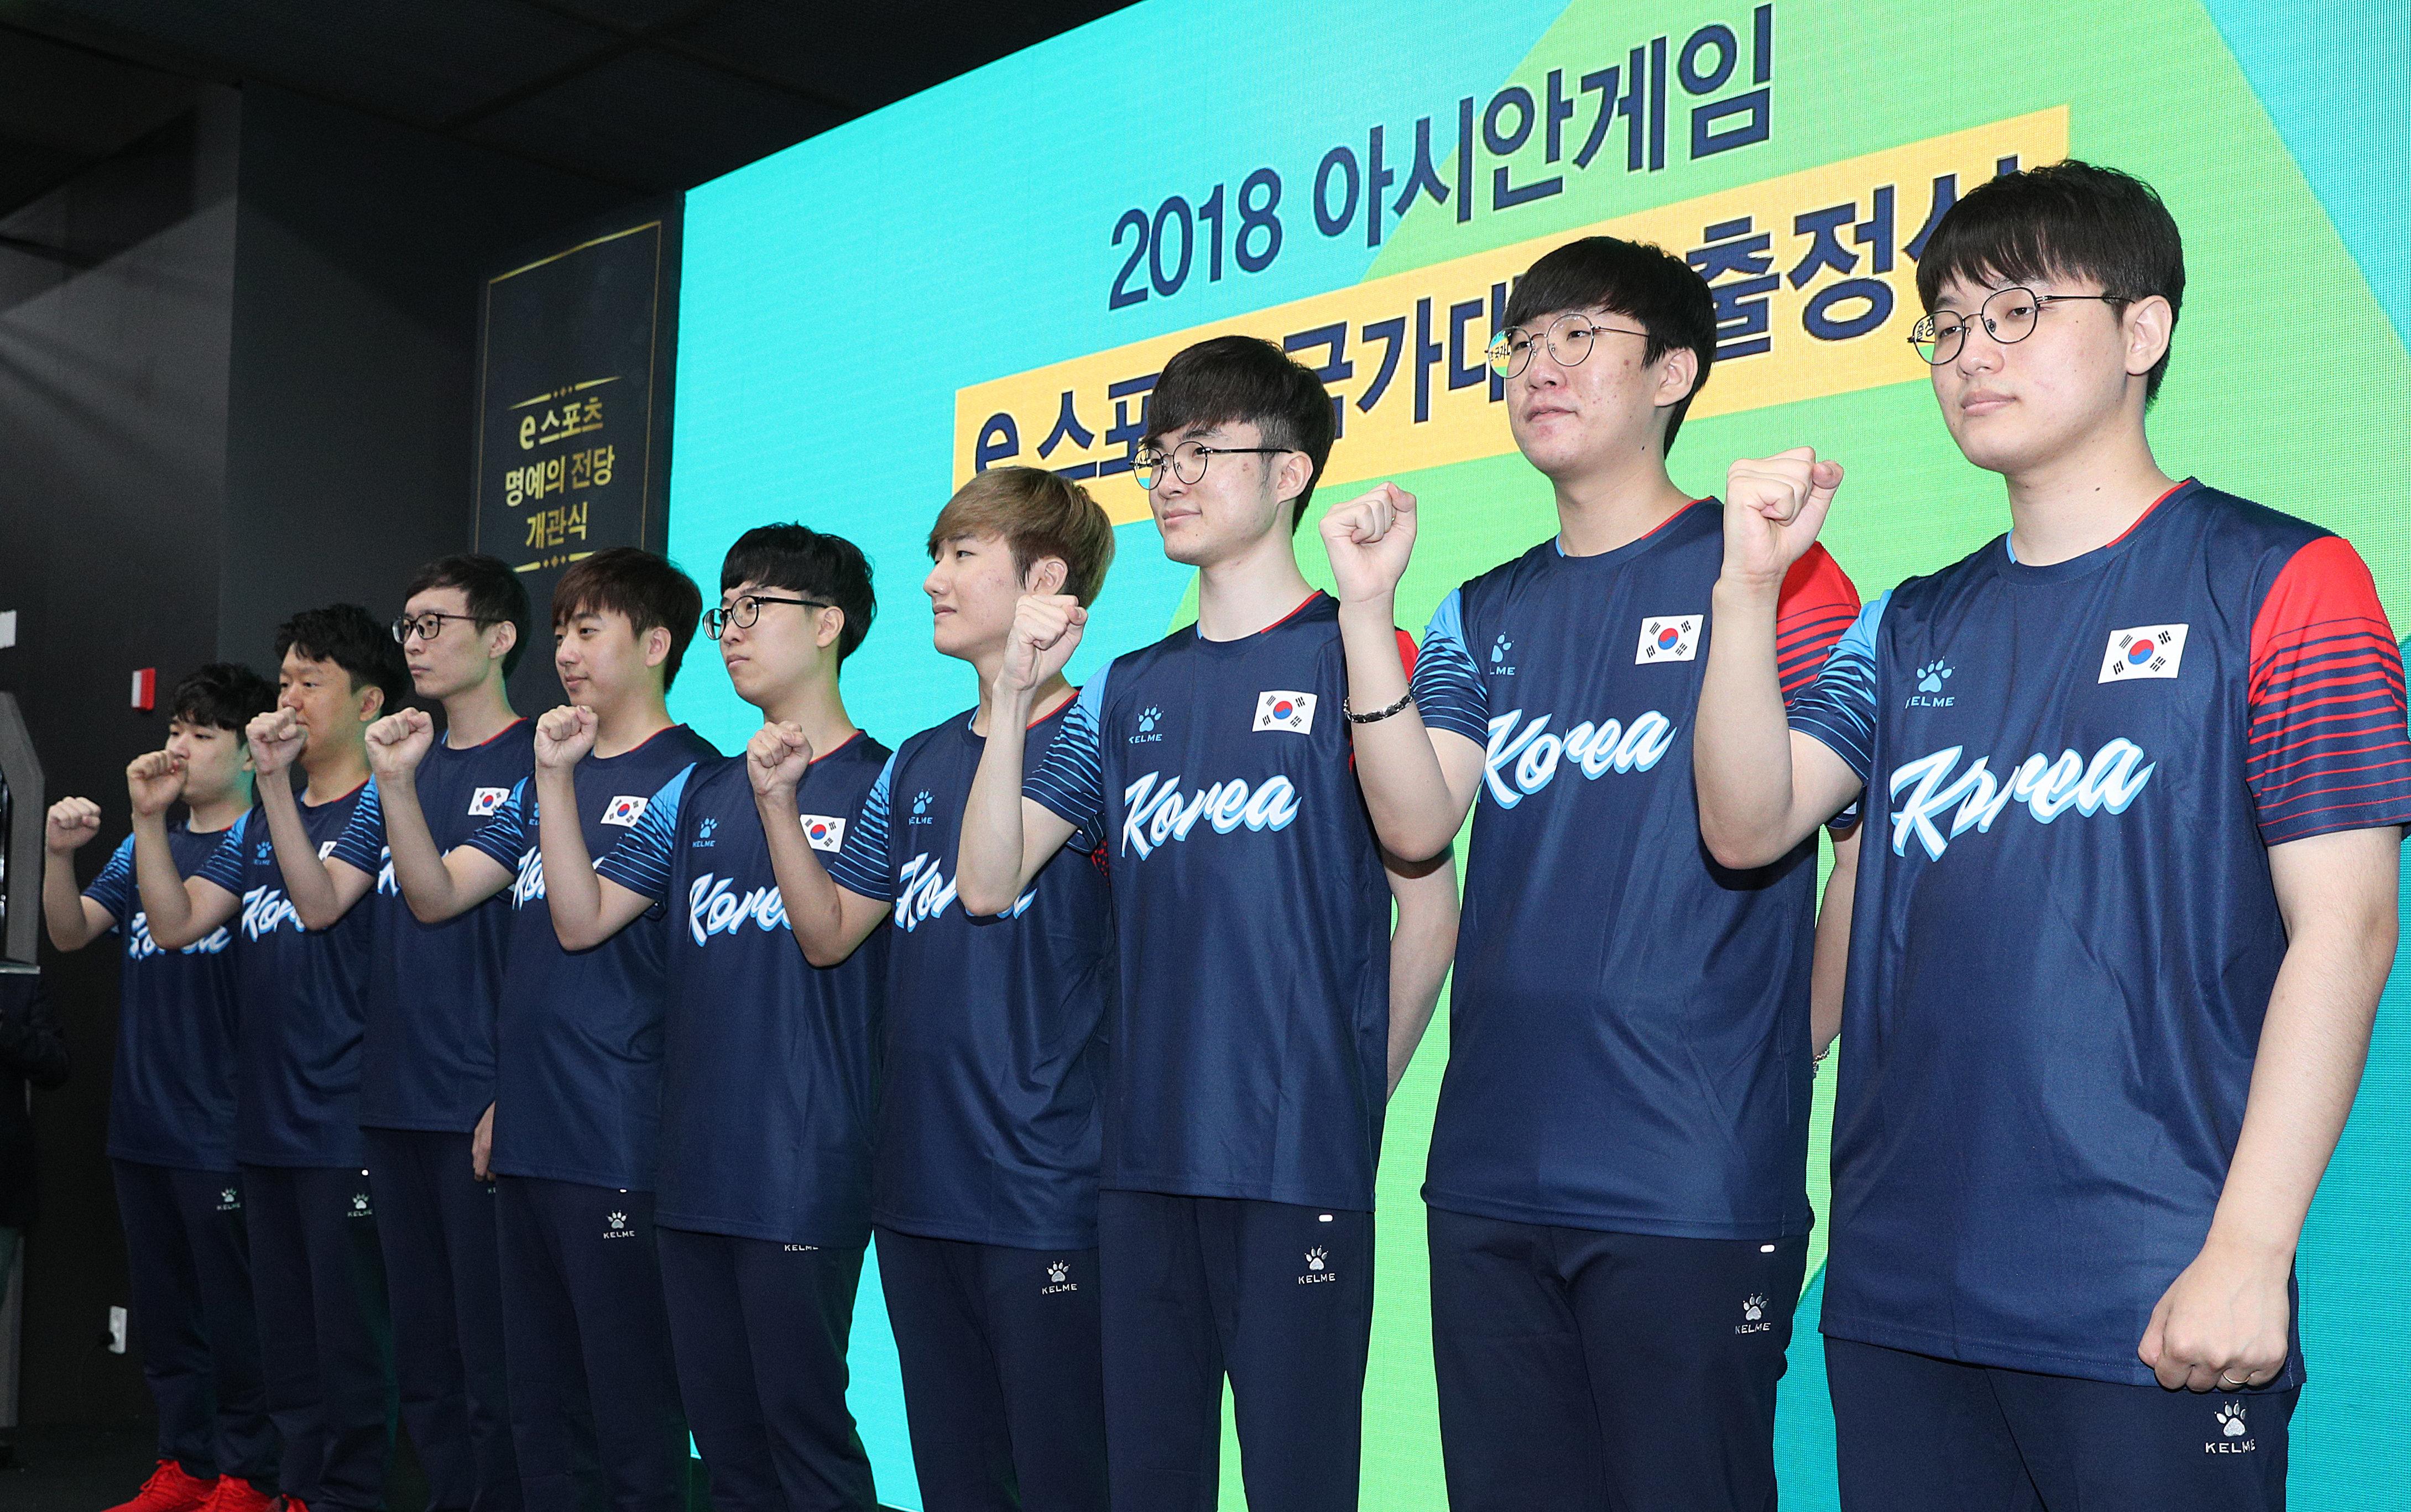 e스포츠 한국 대표팀의 경기가 '운영 미숙'으로 3차례 중단됐다